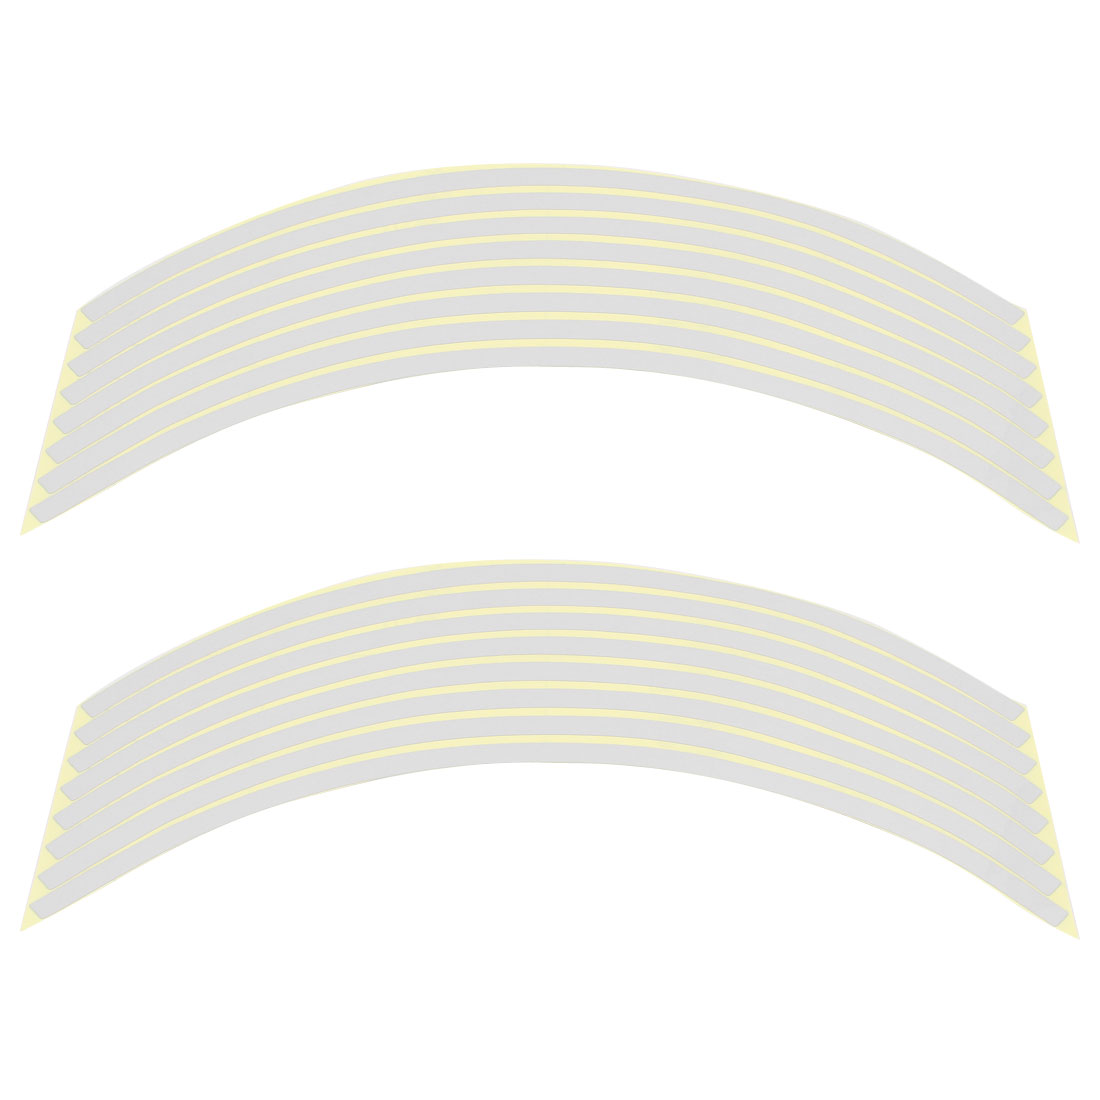 Adhesive Reflective Rim Stripes Wheel Decals Sticker Decor Silver Tone